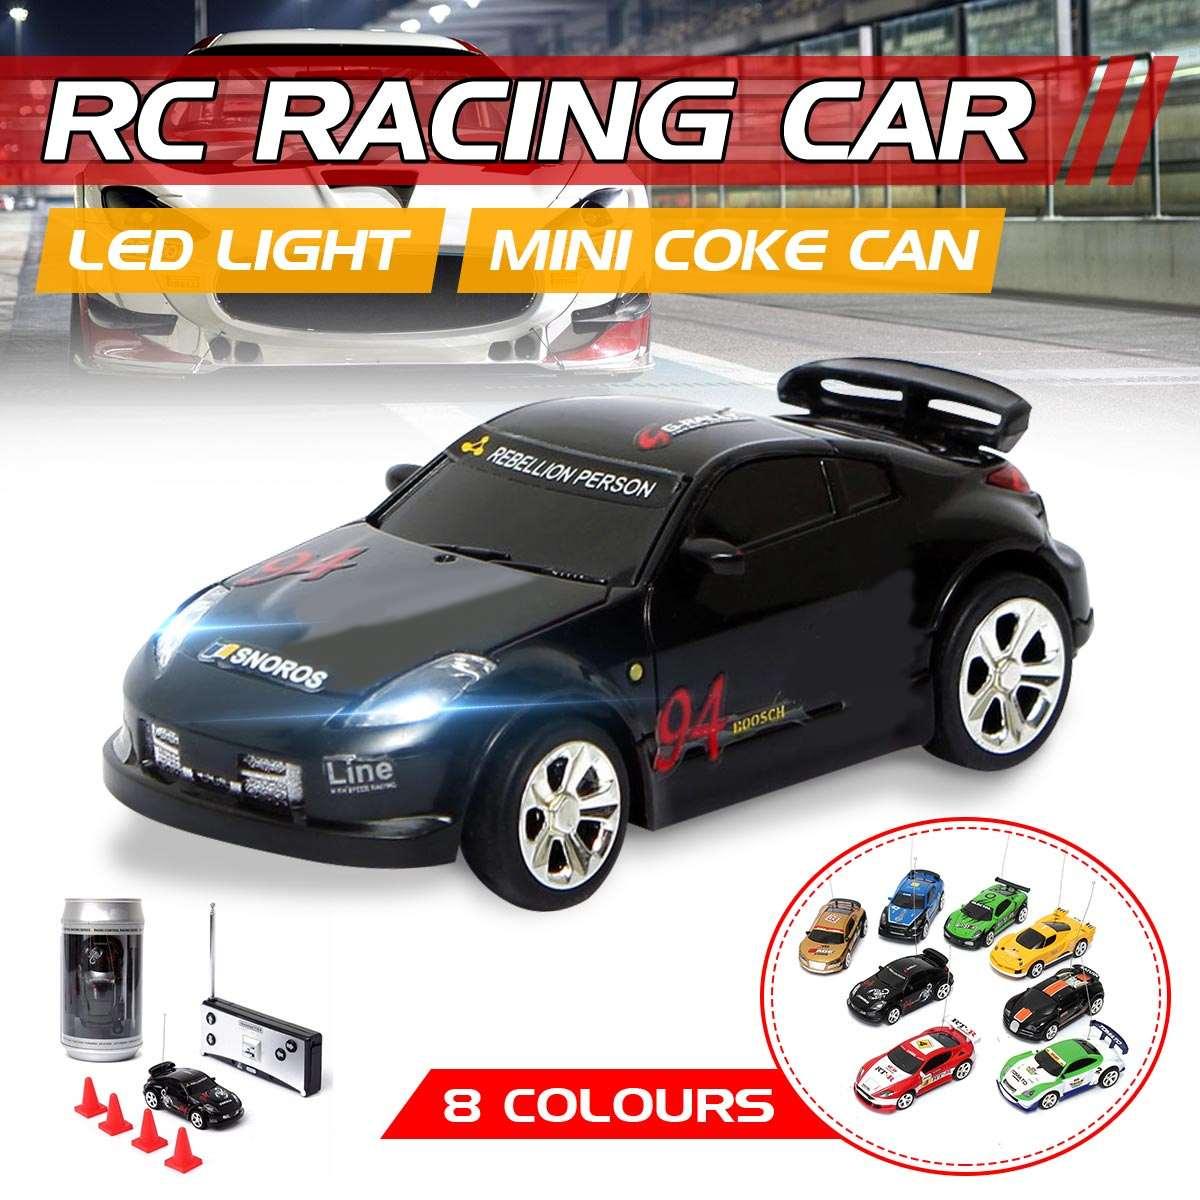 Mini Control remoto de Radio de vehículo coca del deporte del coche de R/C RC Racer carreras Micro juguetes Porket 4 Frecuencia de regalos para los niños